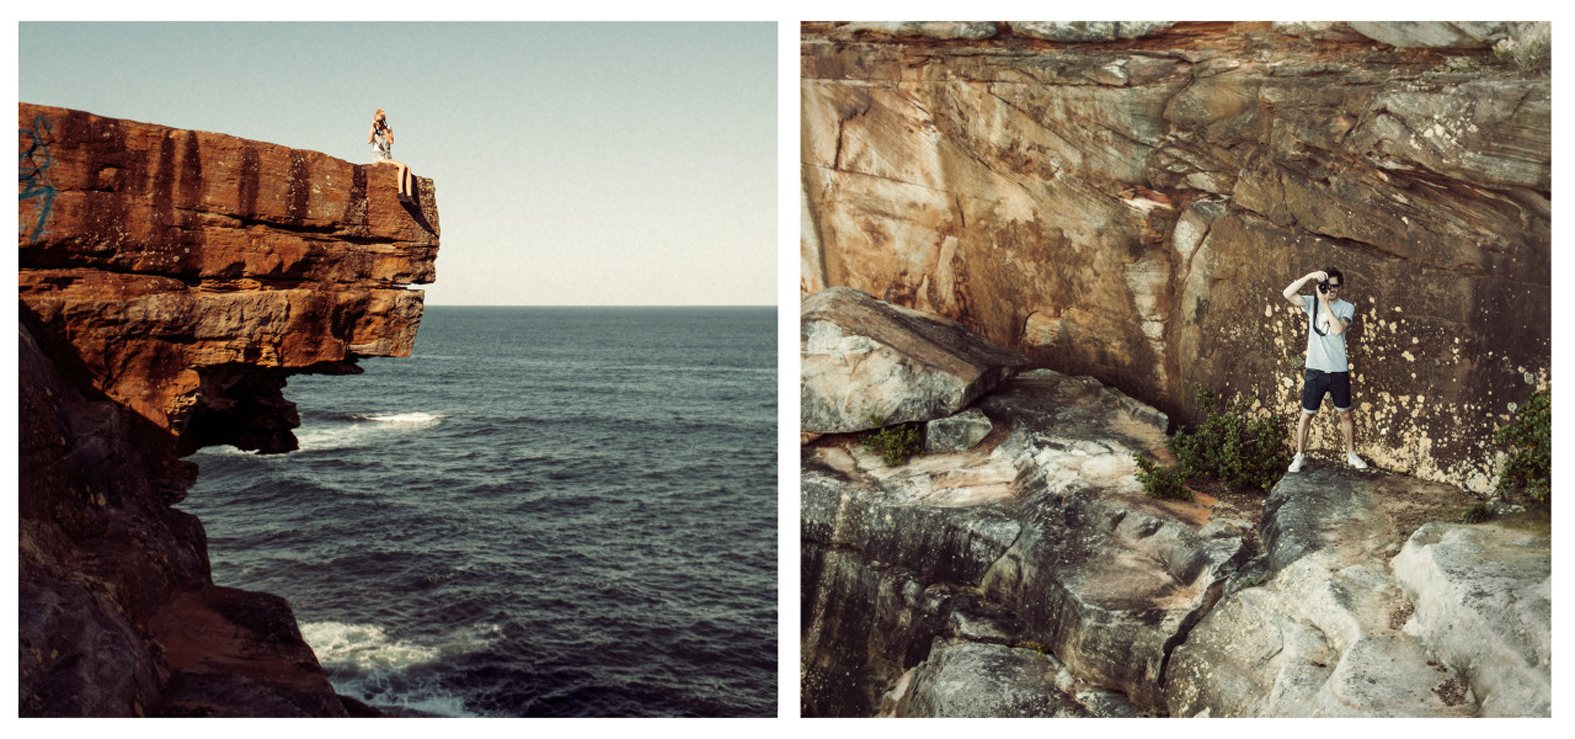 «Эта идея родилась во время нашего путешествия в Португалию, — вспоминает Галова. — У нас у обоих бы